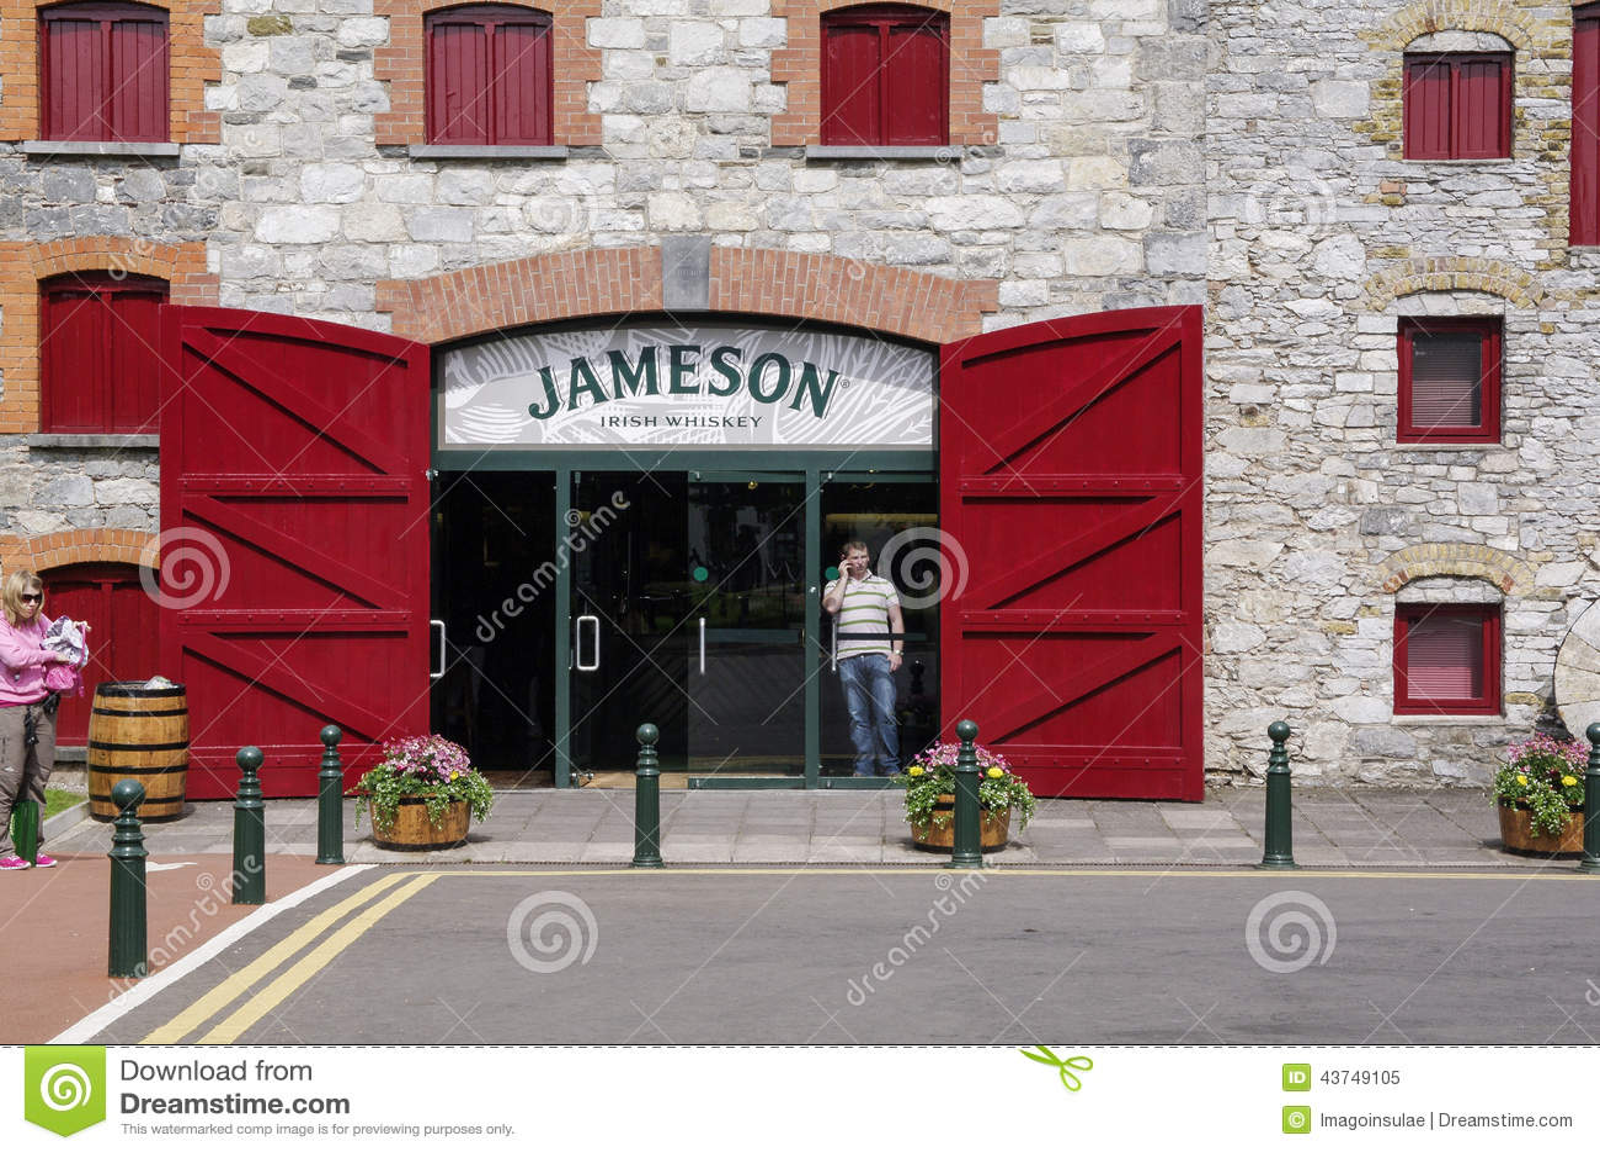 Jameson Irish Whiskey - Wikipedia